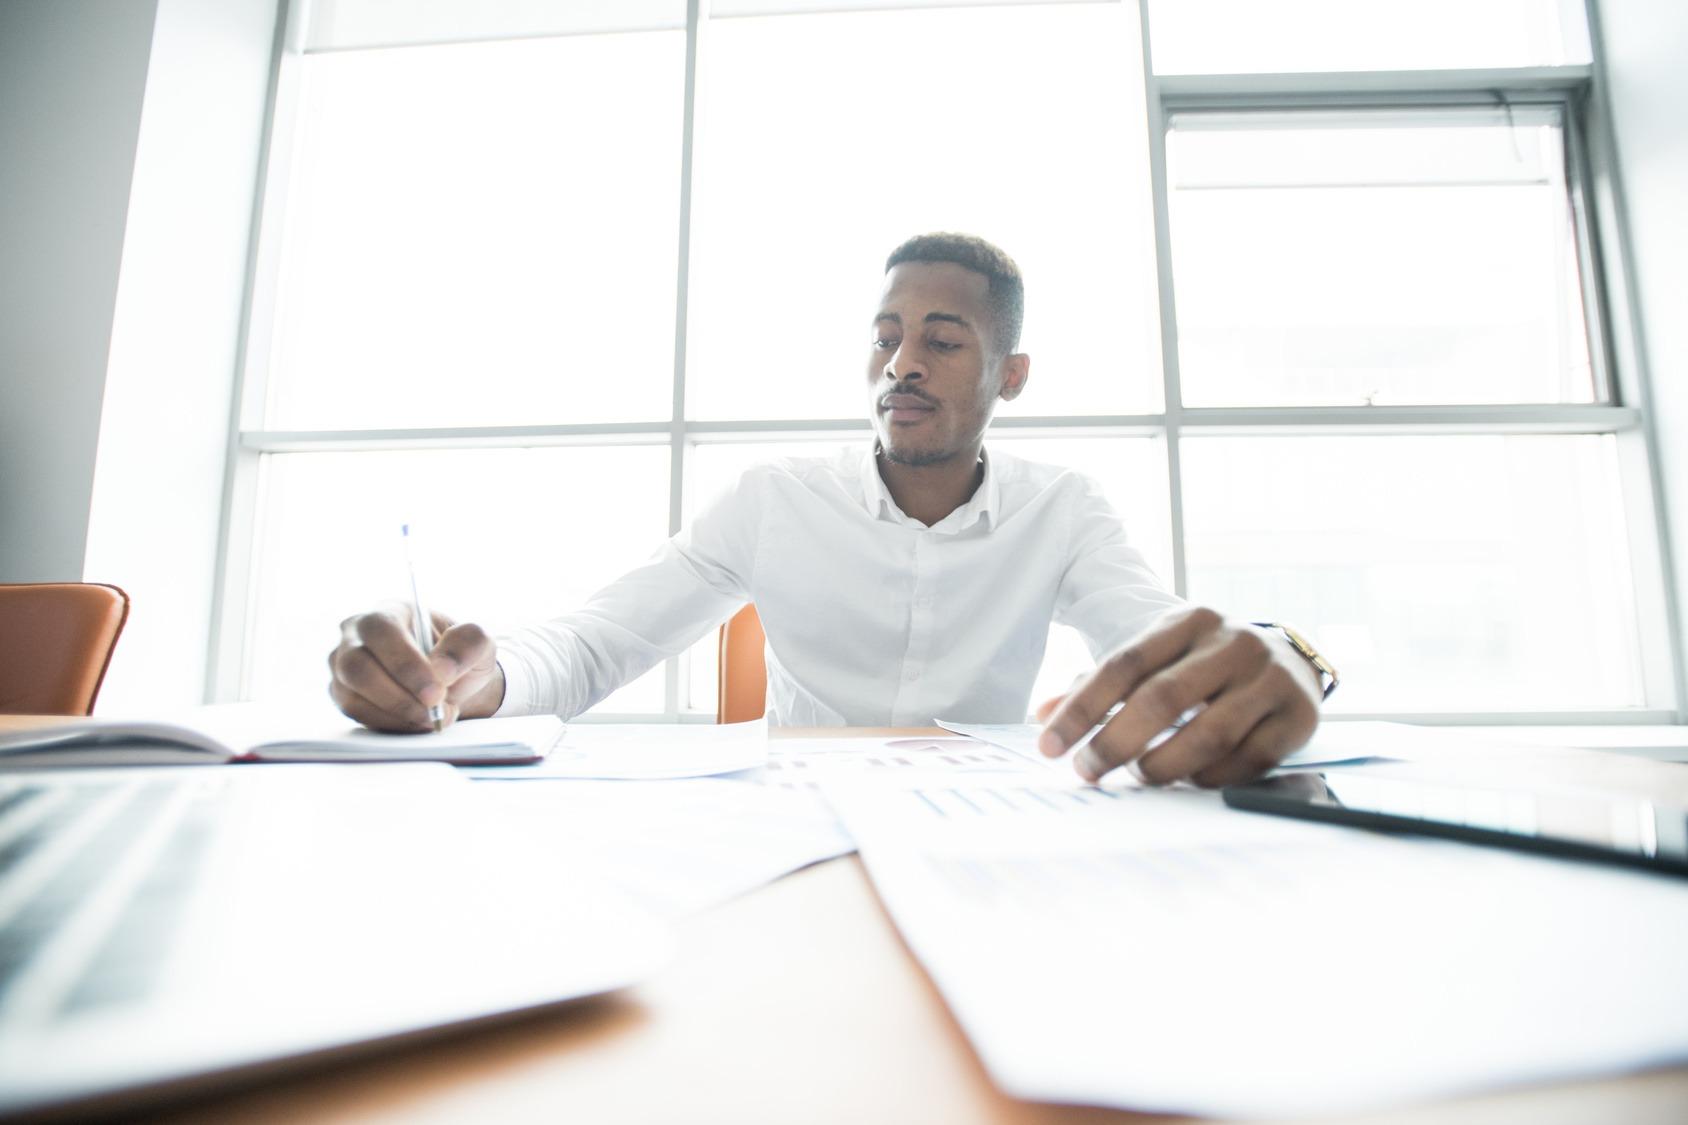 Beschäftigter Mitarbeiter notiert und liest am Schreibtisch während einer Trendanalyse.